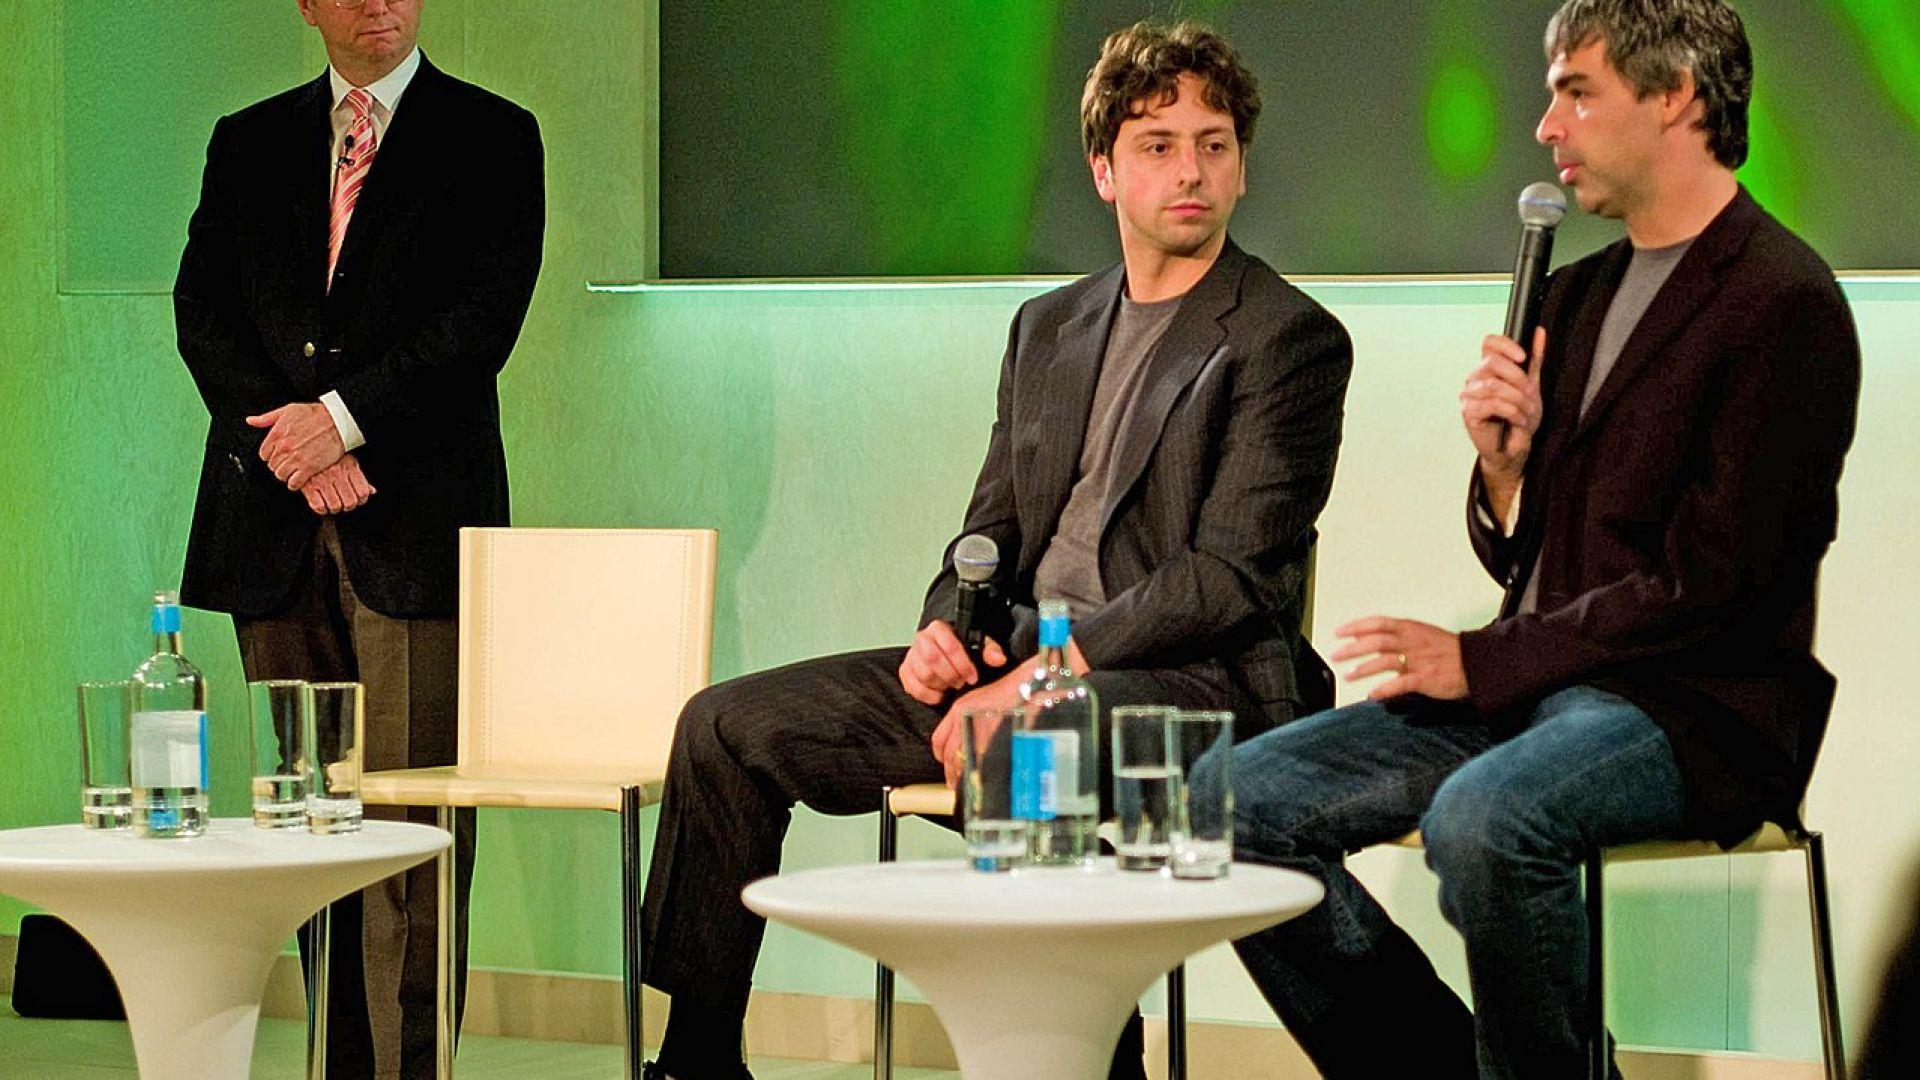 Сергей Брин и Лари Пейдж напускат университета, за да създадат Google